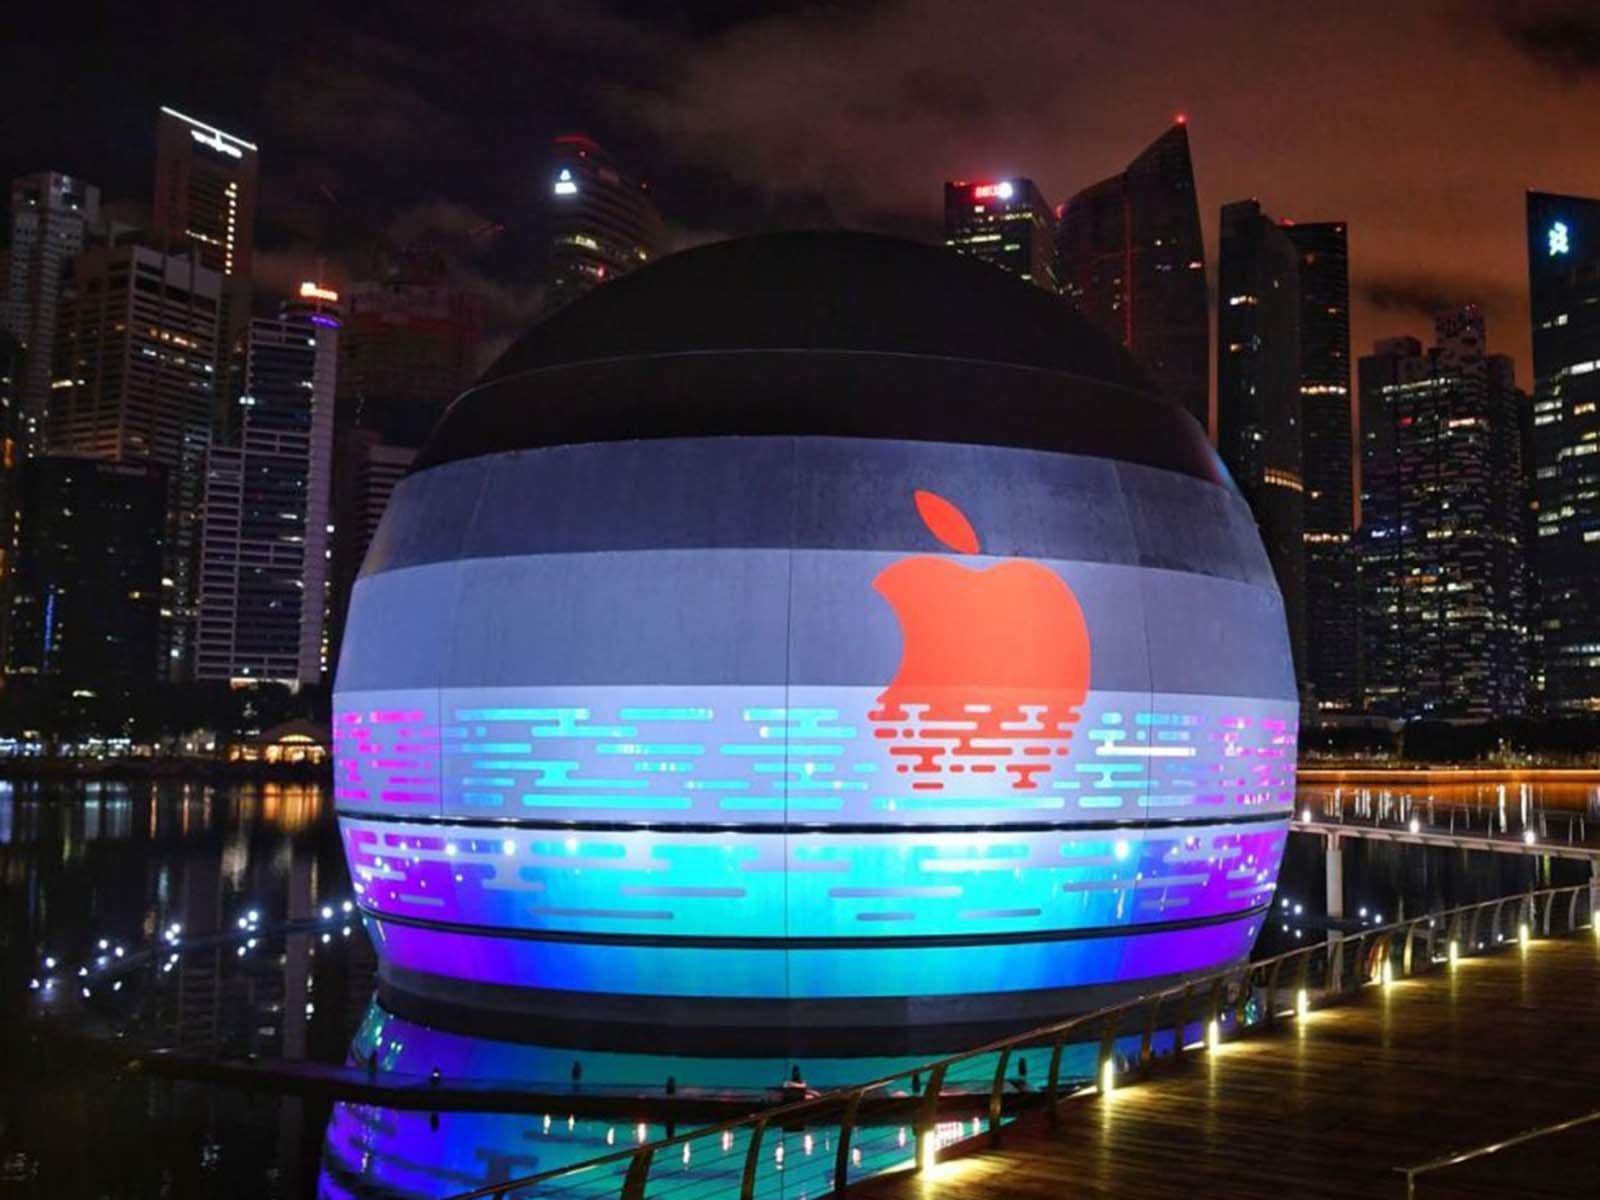 Уникальный магазин Аpple Stоre в Сингапуре